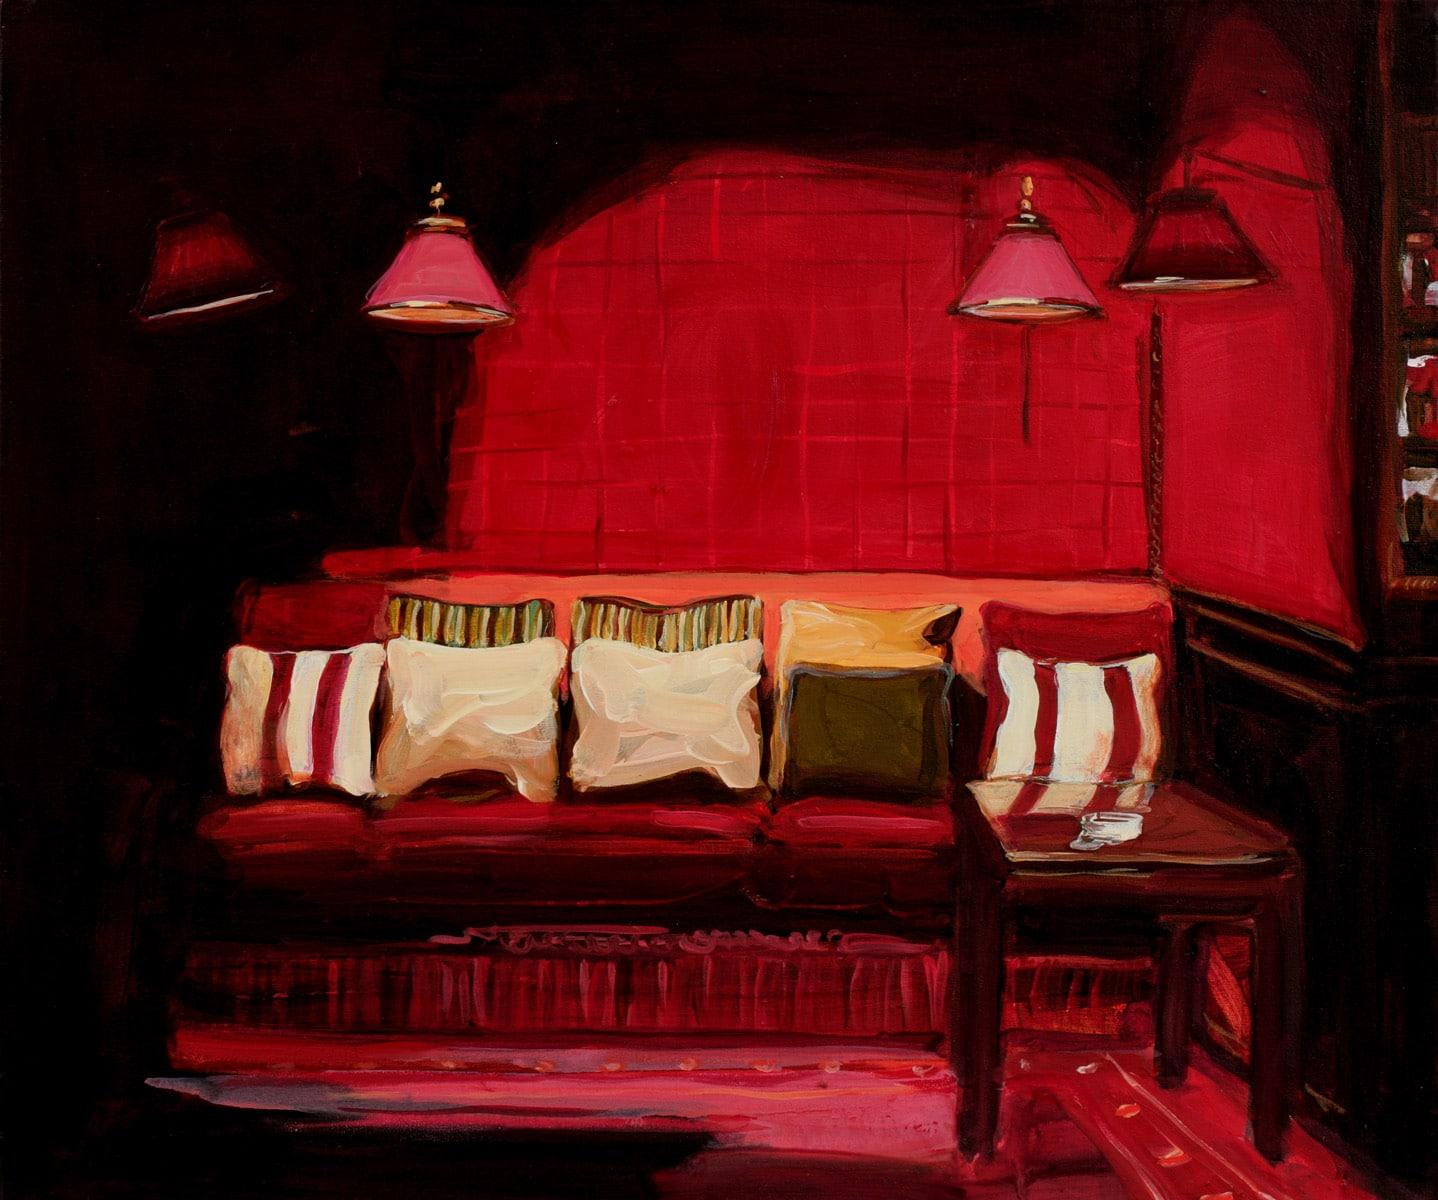 Serie Brenners Parkhotel- Sofa mit rot-weiß gestreiften Kissen